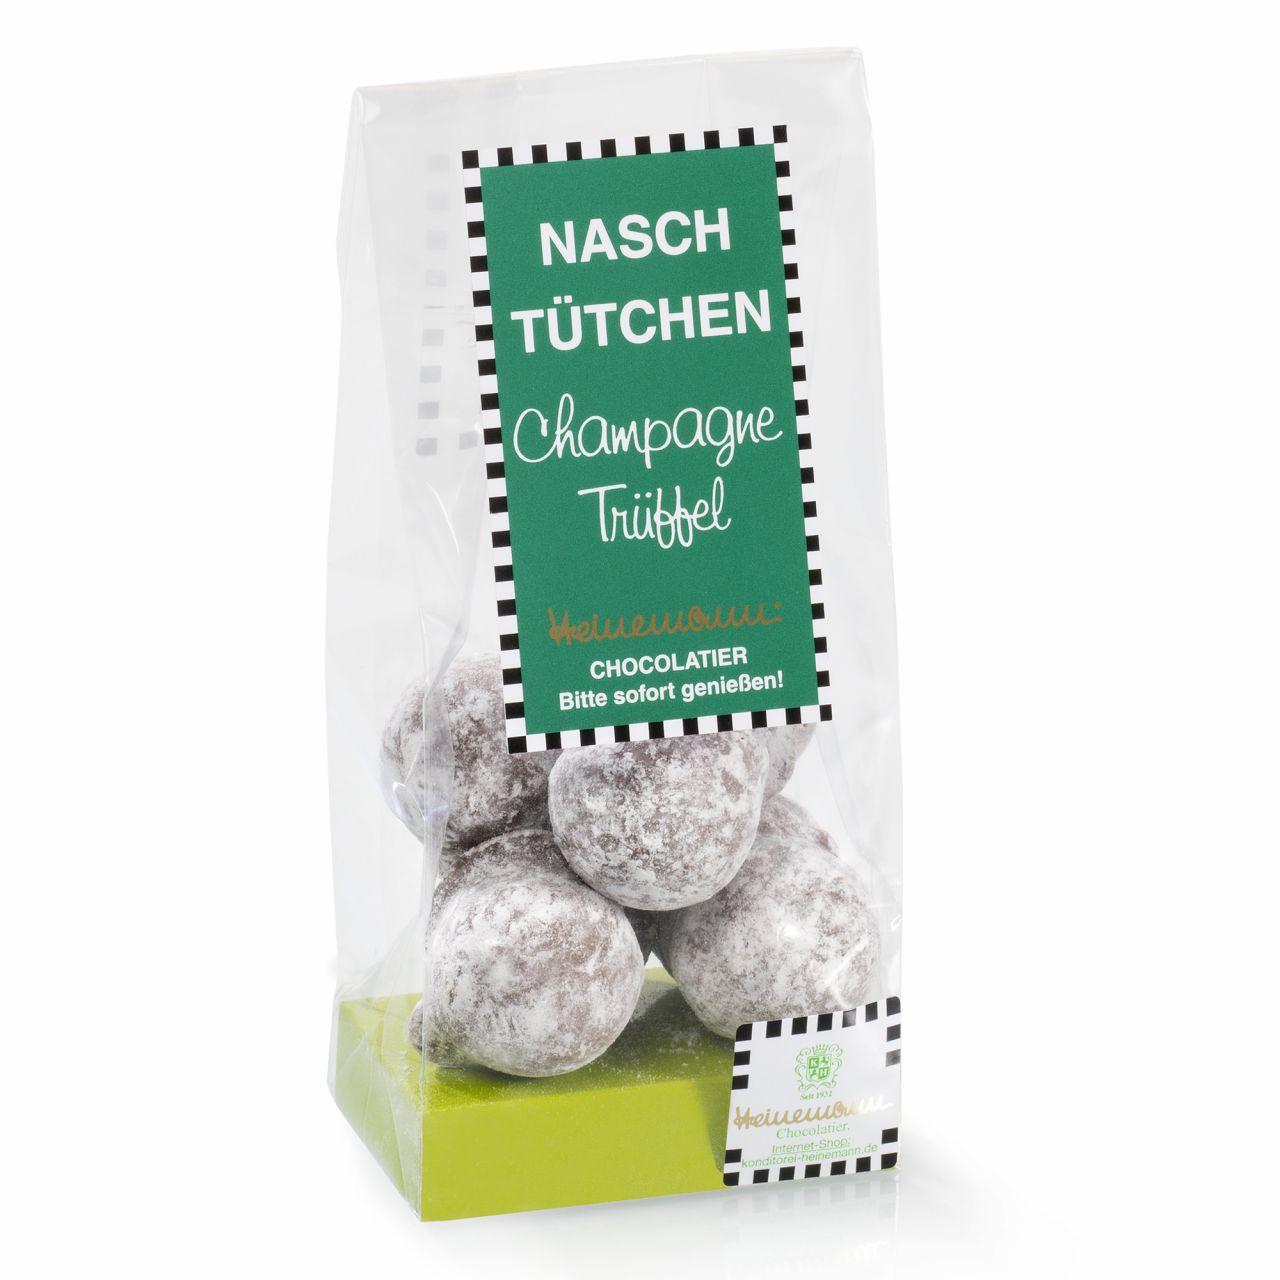 Konditorei Heinemann  Naschttchen Champagne Trffel